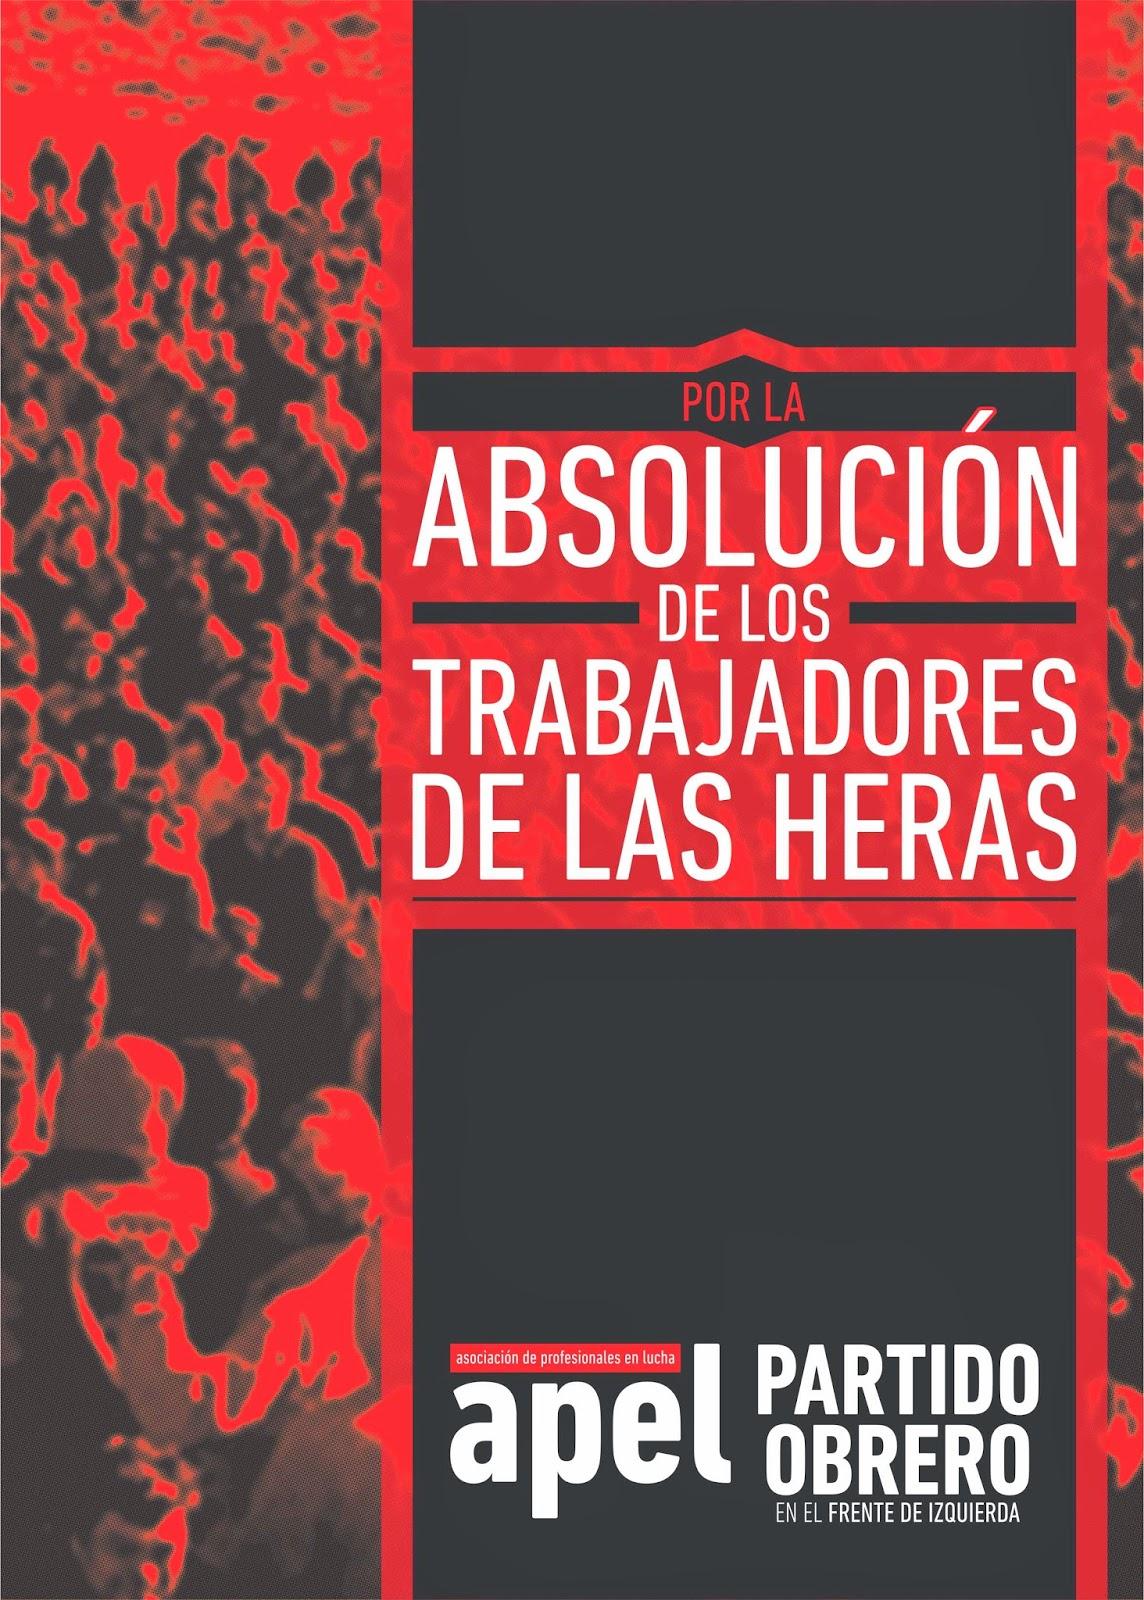 Por la absolución de los trabajadores de Las Heras